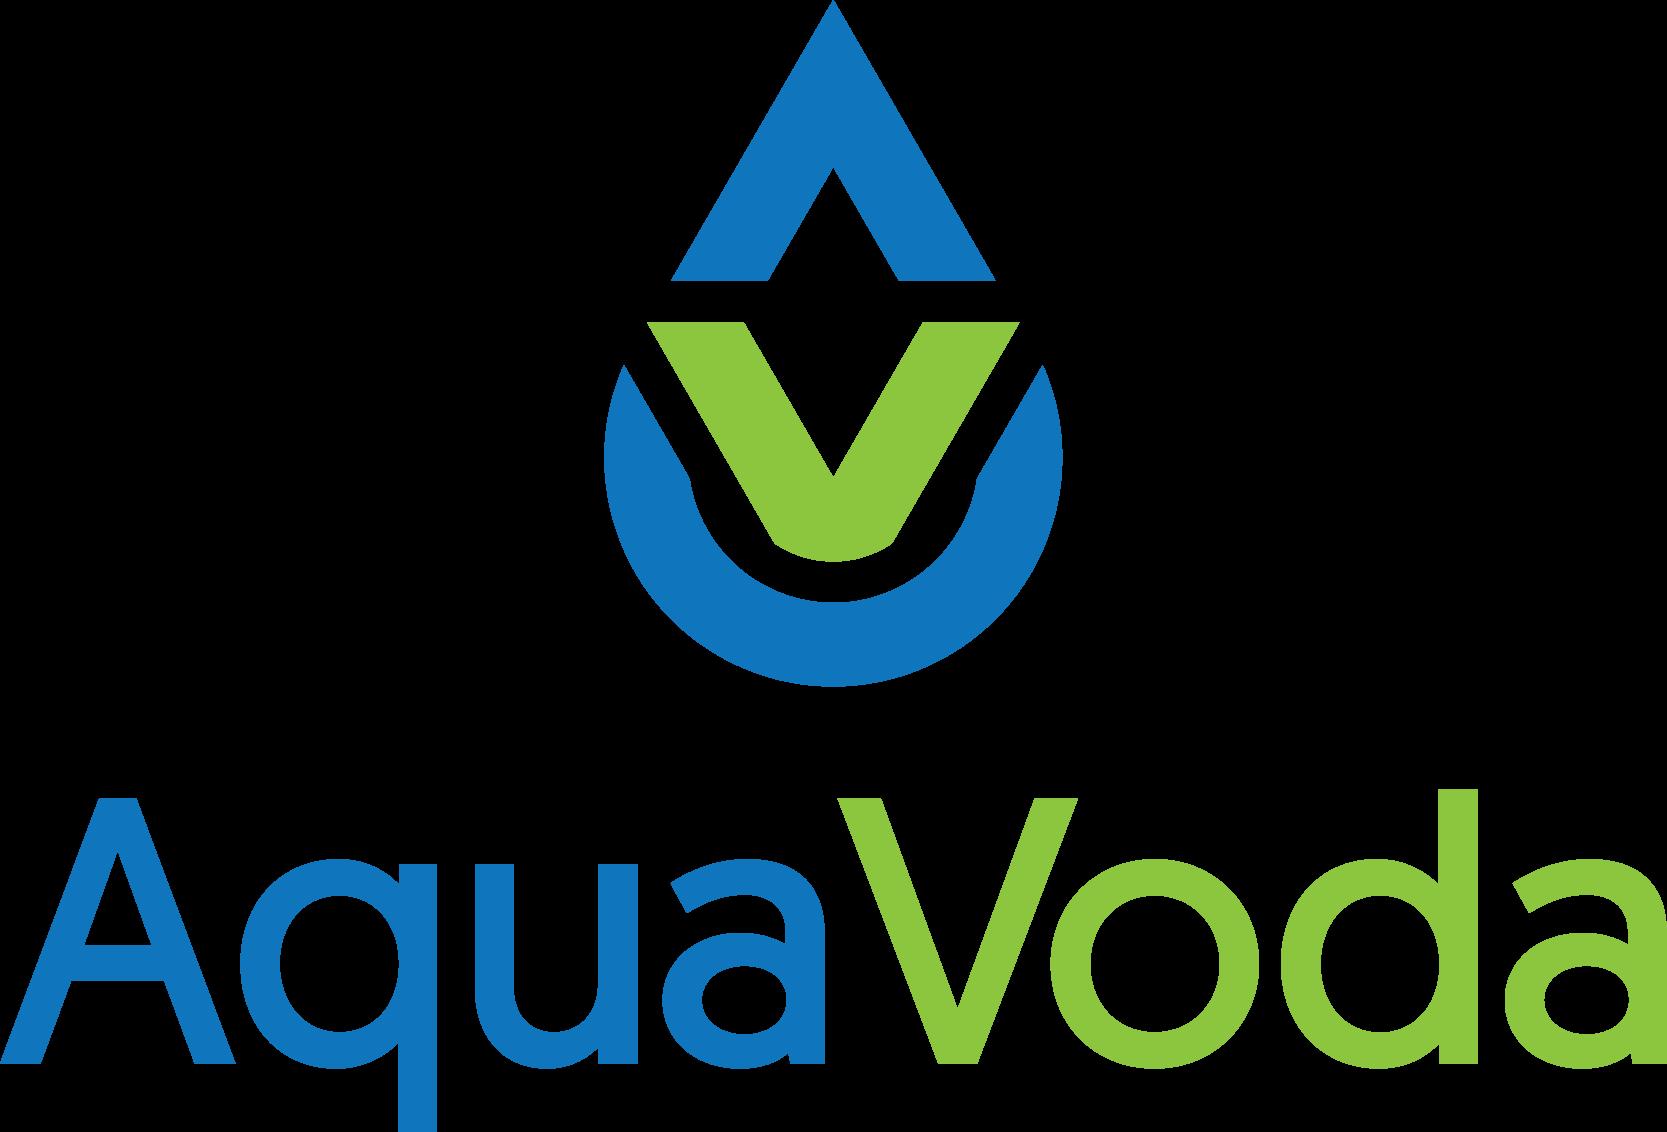 AquaVoda